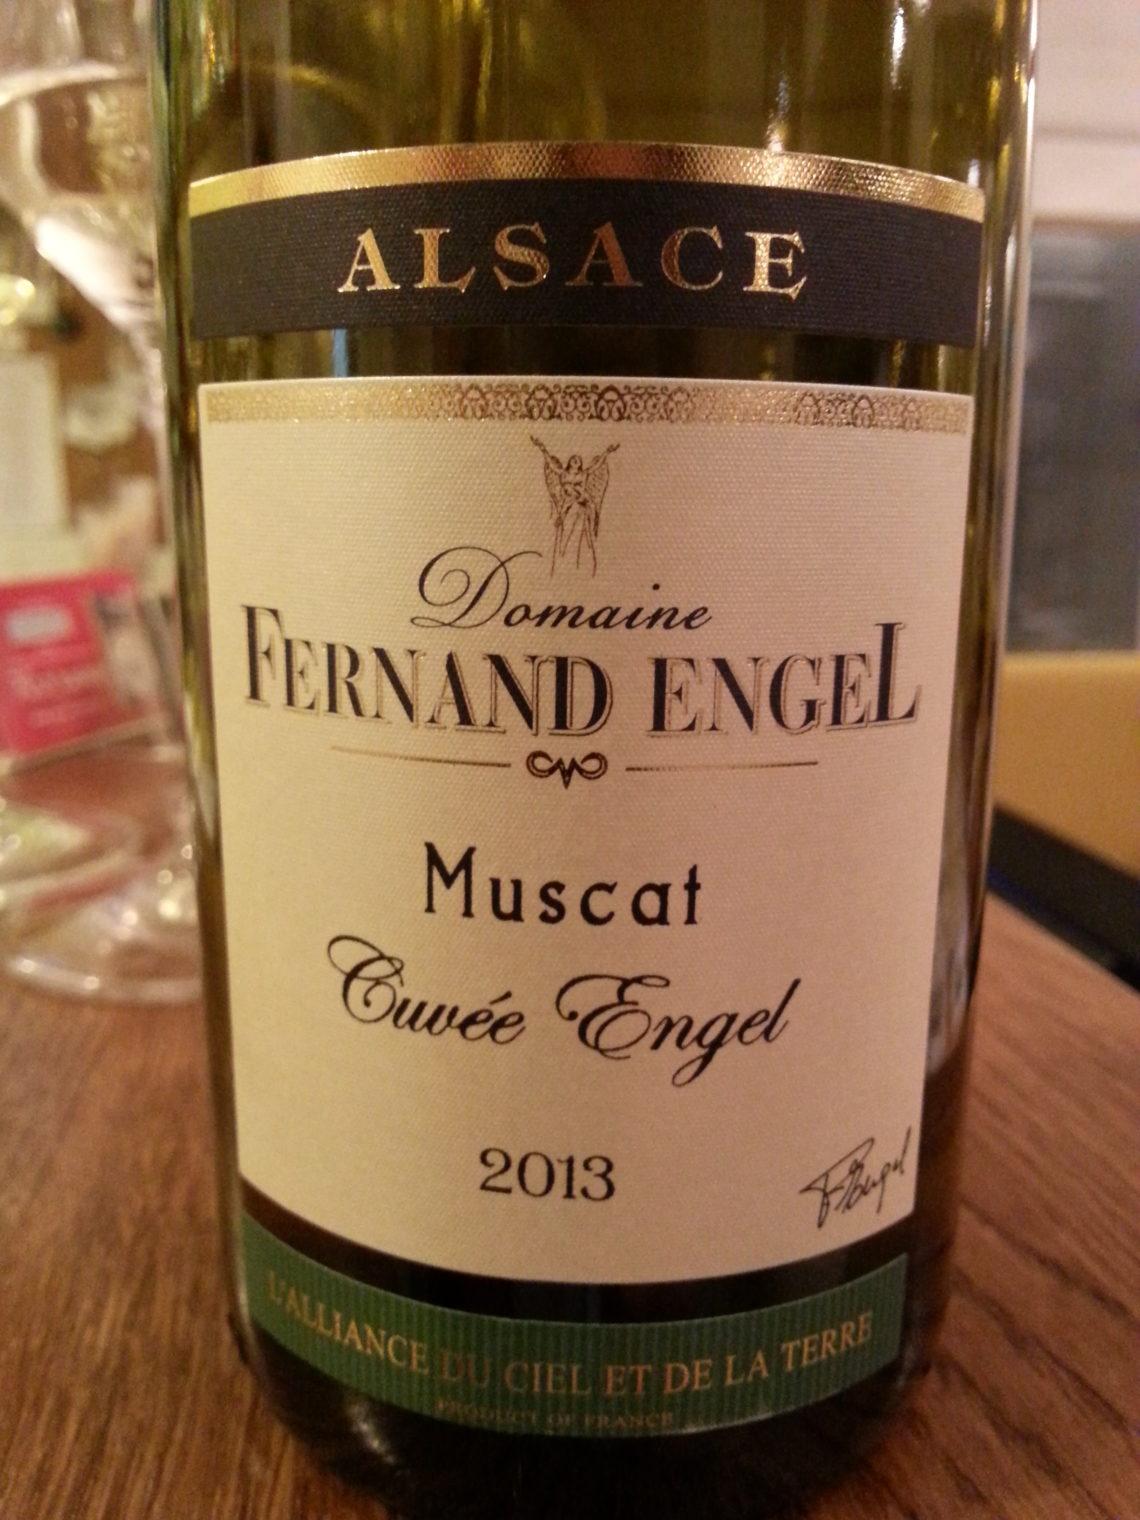 Muscat Fernand Engel